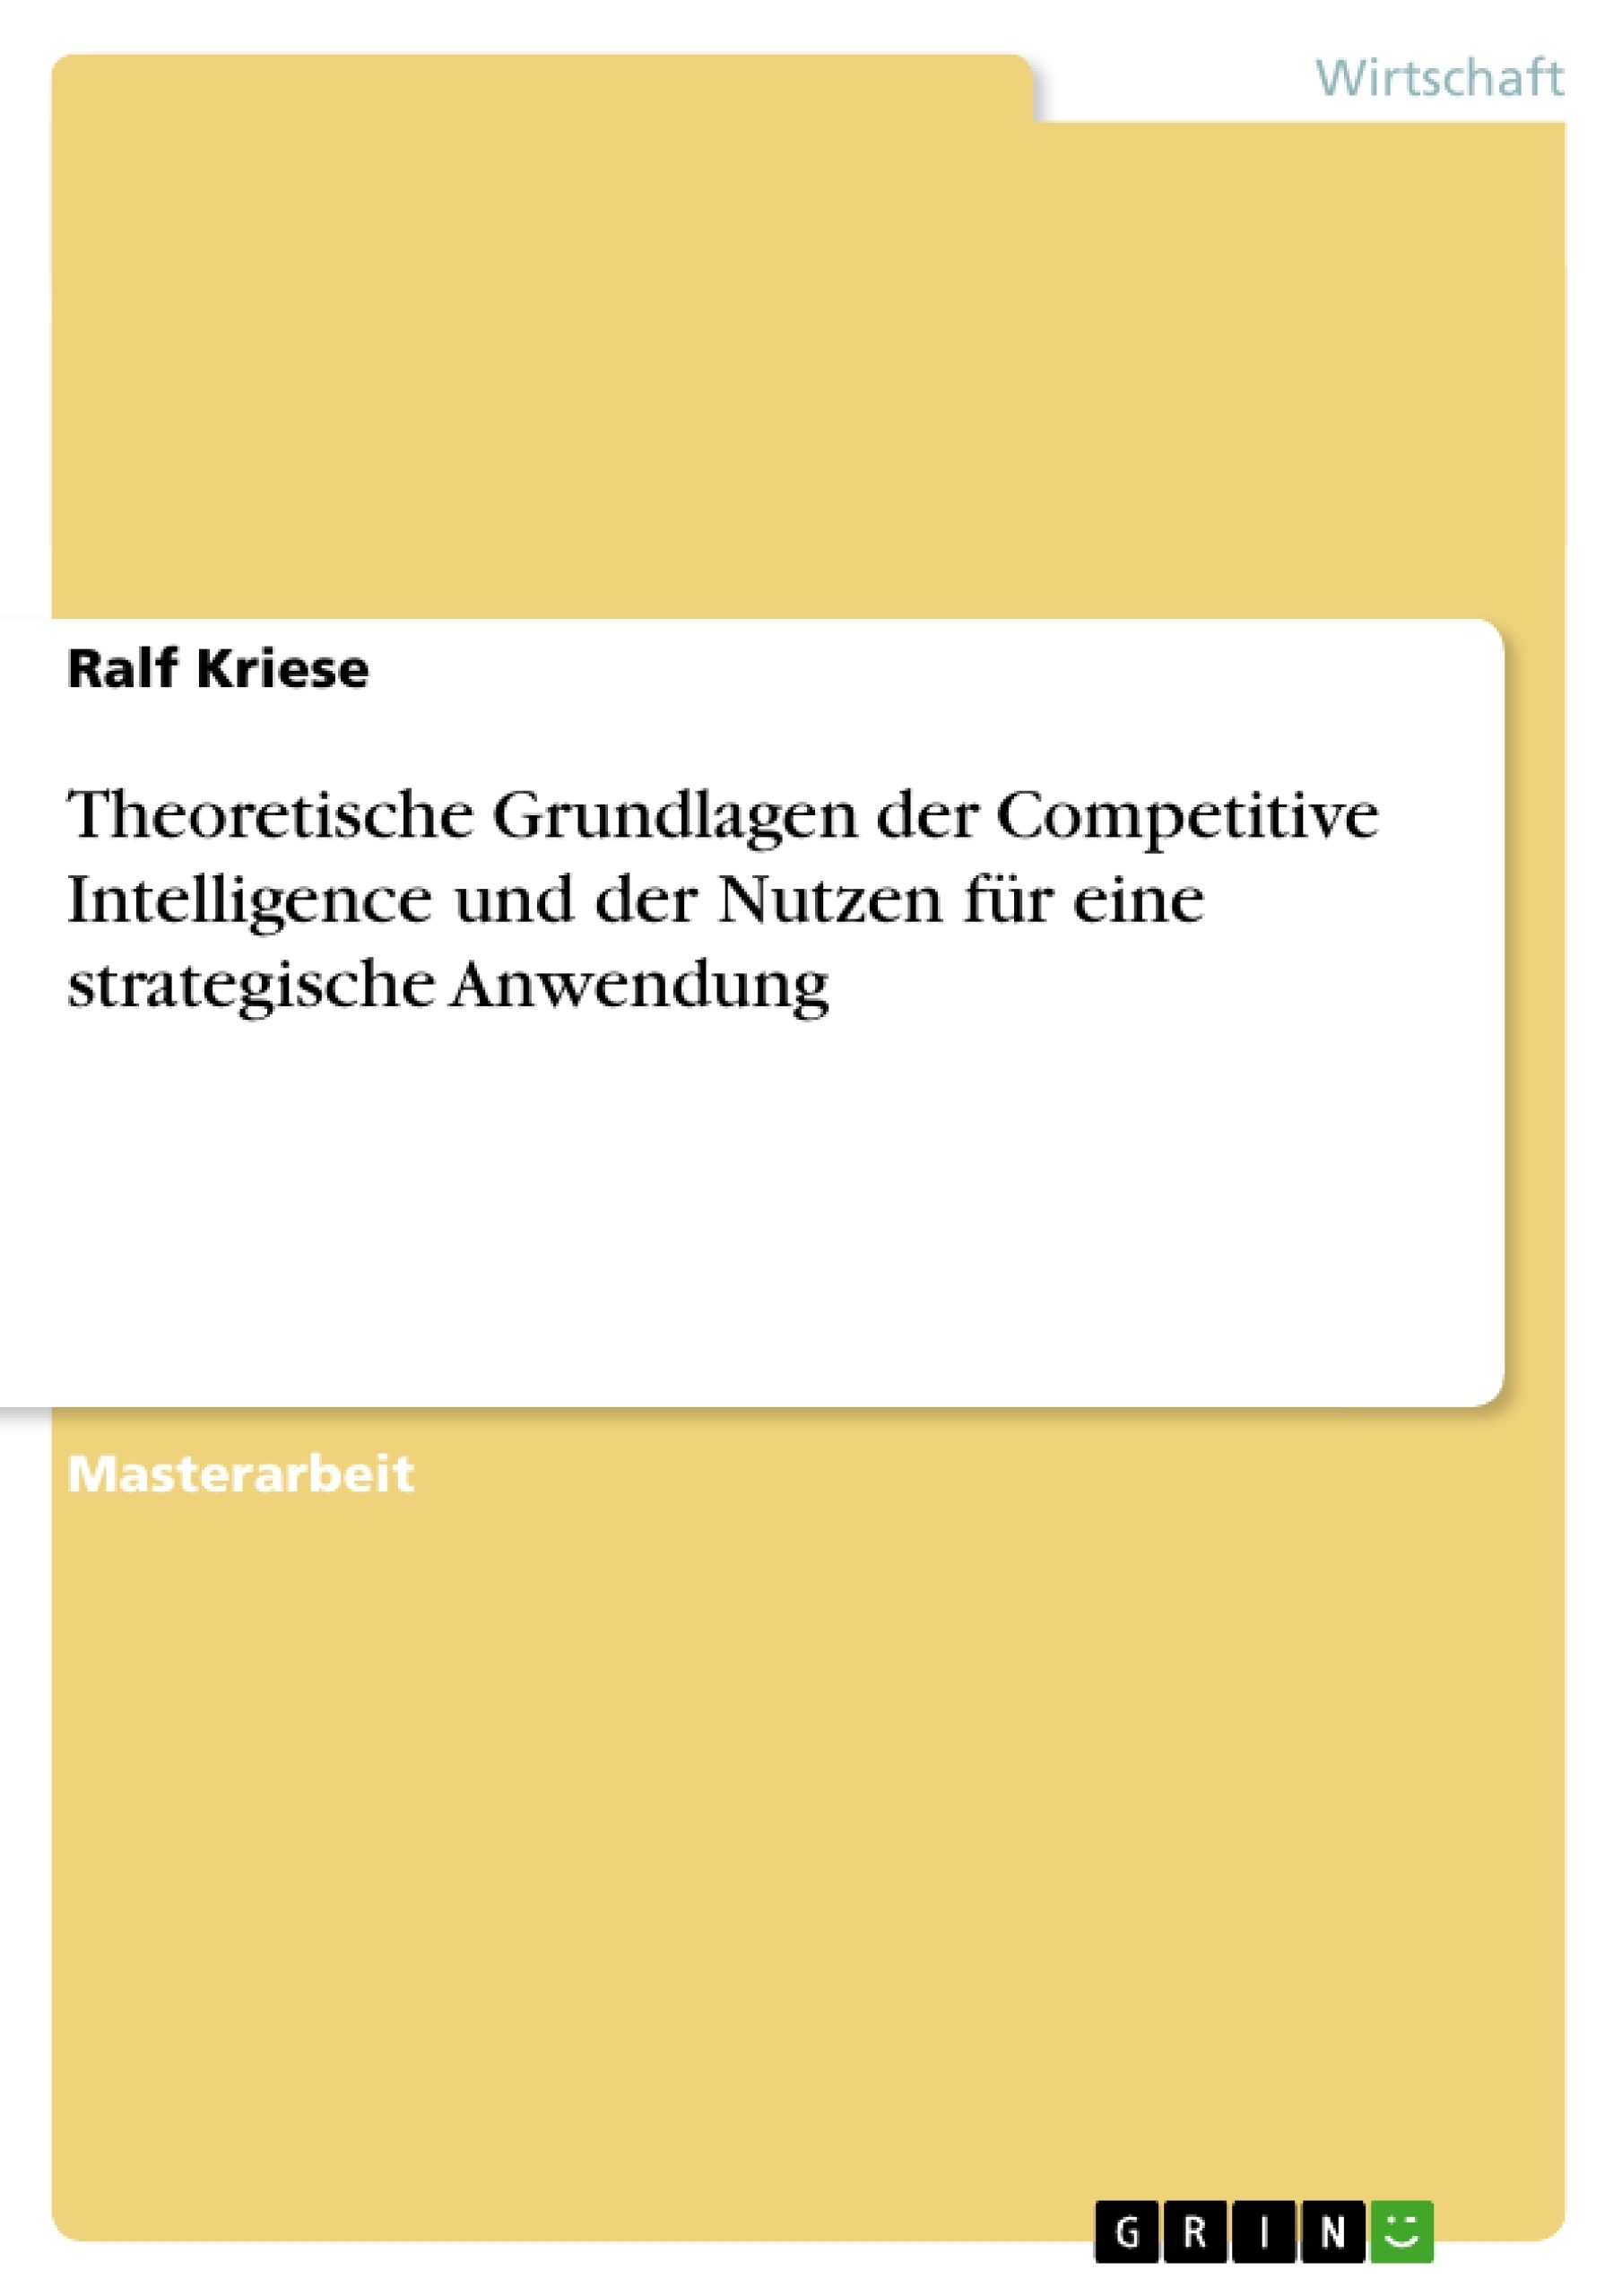 Titel: Theoretische Grundlagen der Competitive Intelligence  und der Nutzen für eine strategische Anwendung